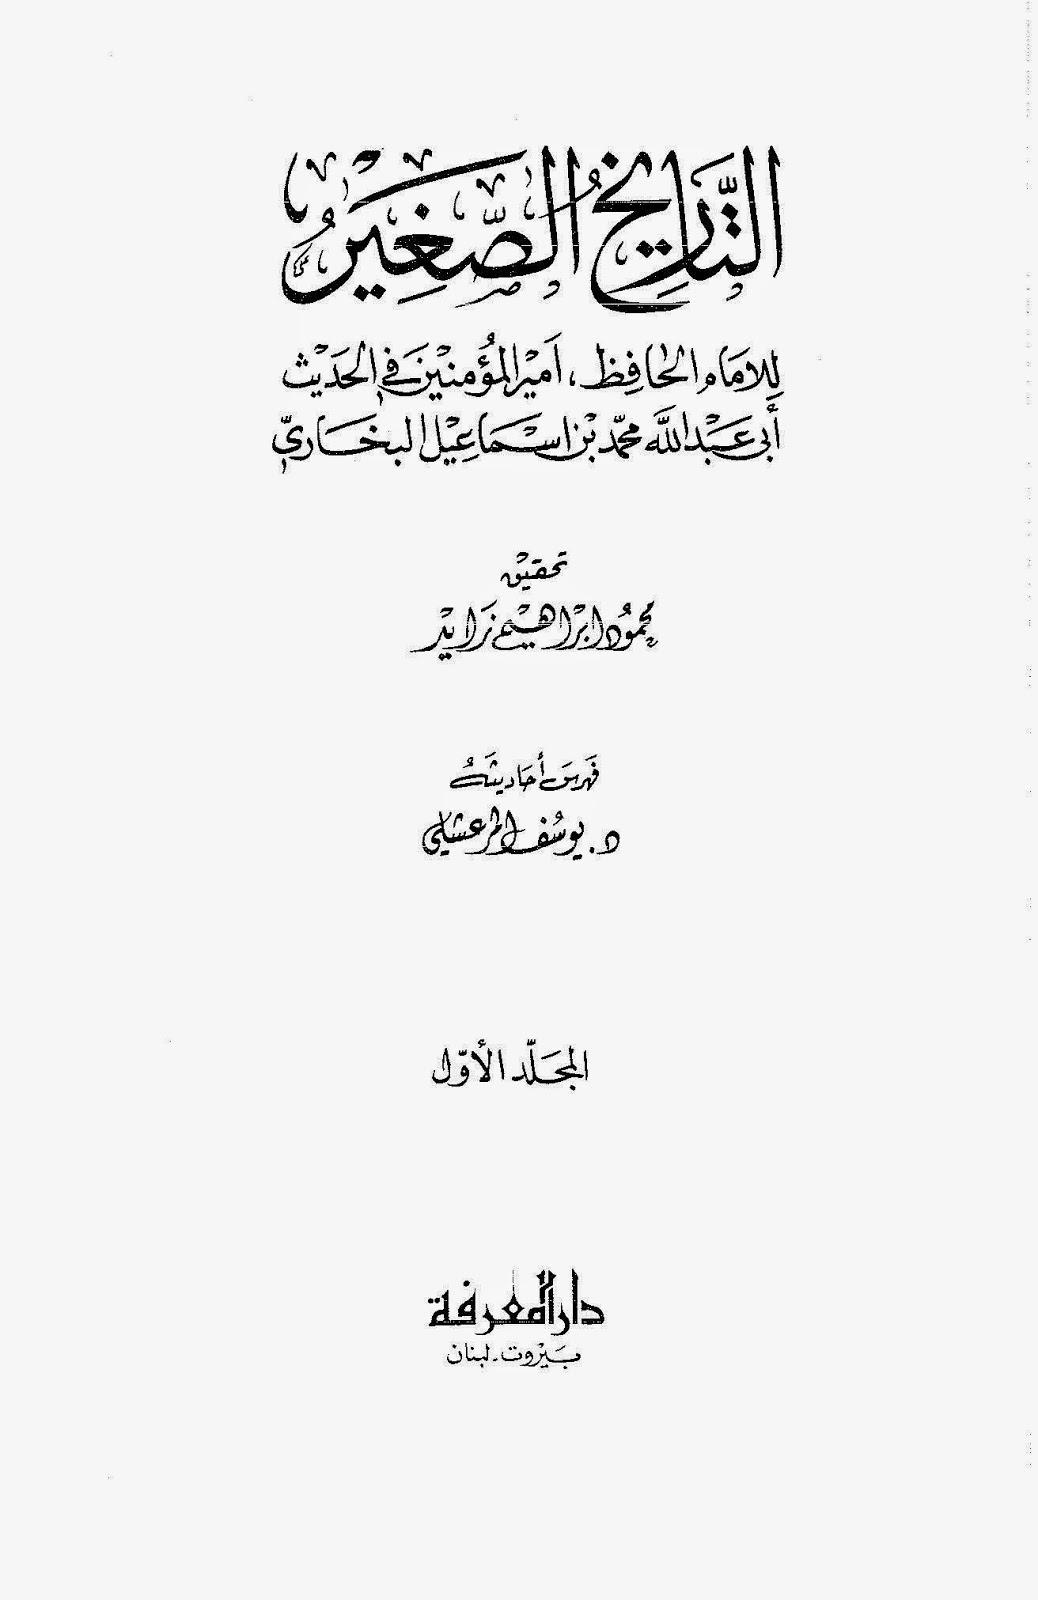 التاريخ الصغير لـ الإمام البخاري